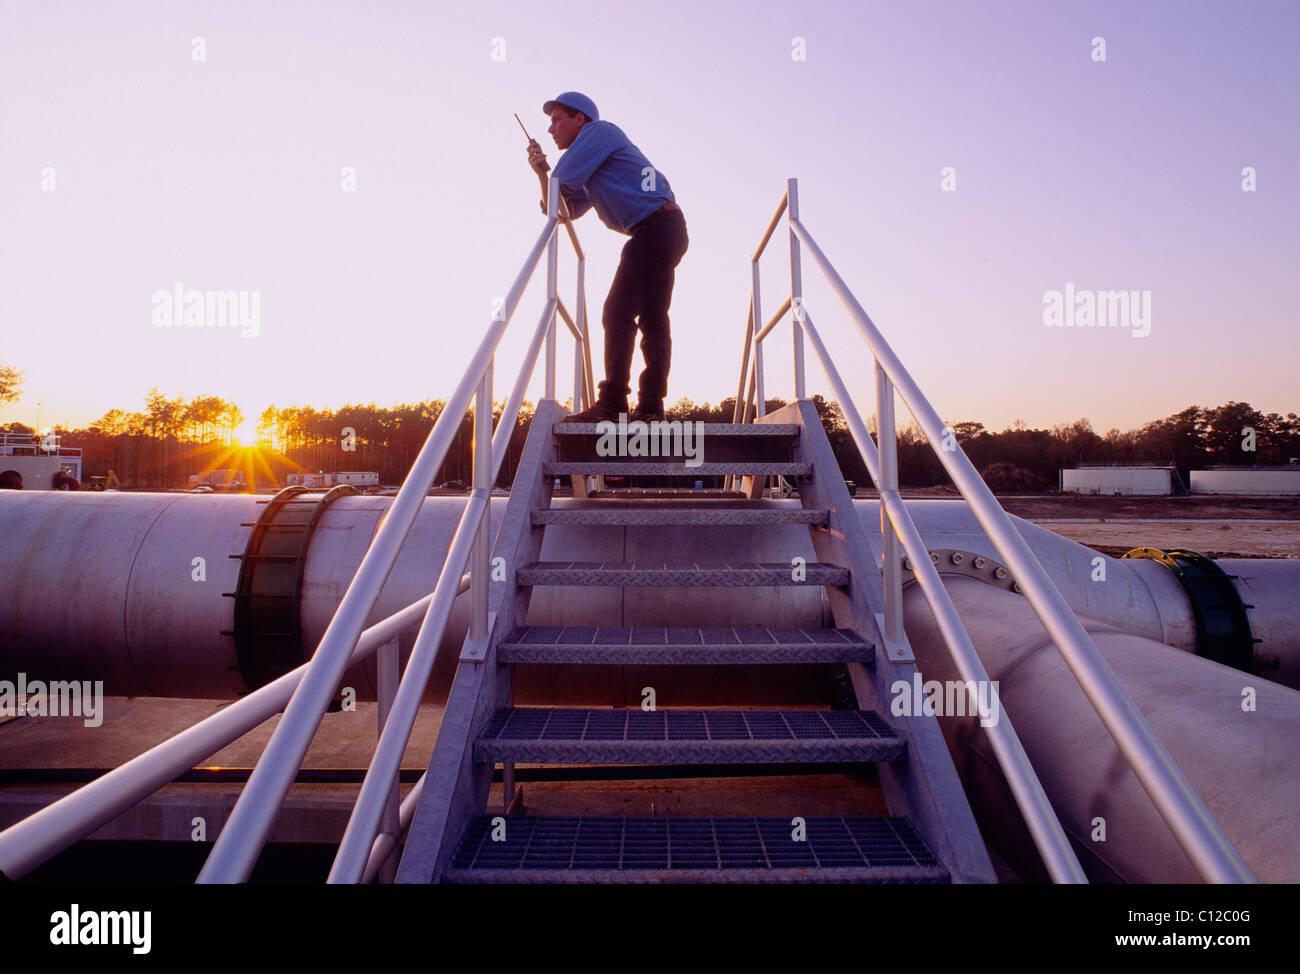 Tecnico su un walkie talkie radio al tramonto in un impianto di trattamento delle acque reflue, Houston, Texas, Immagini Stock